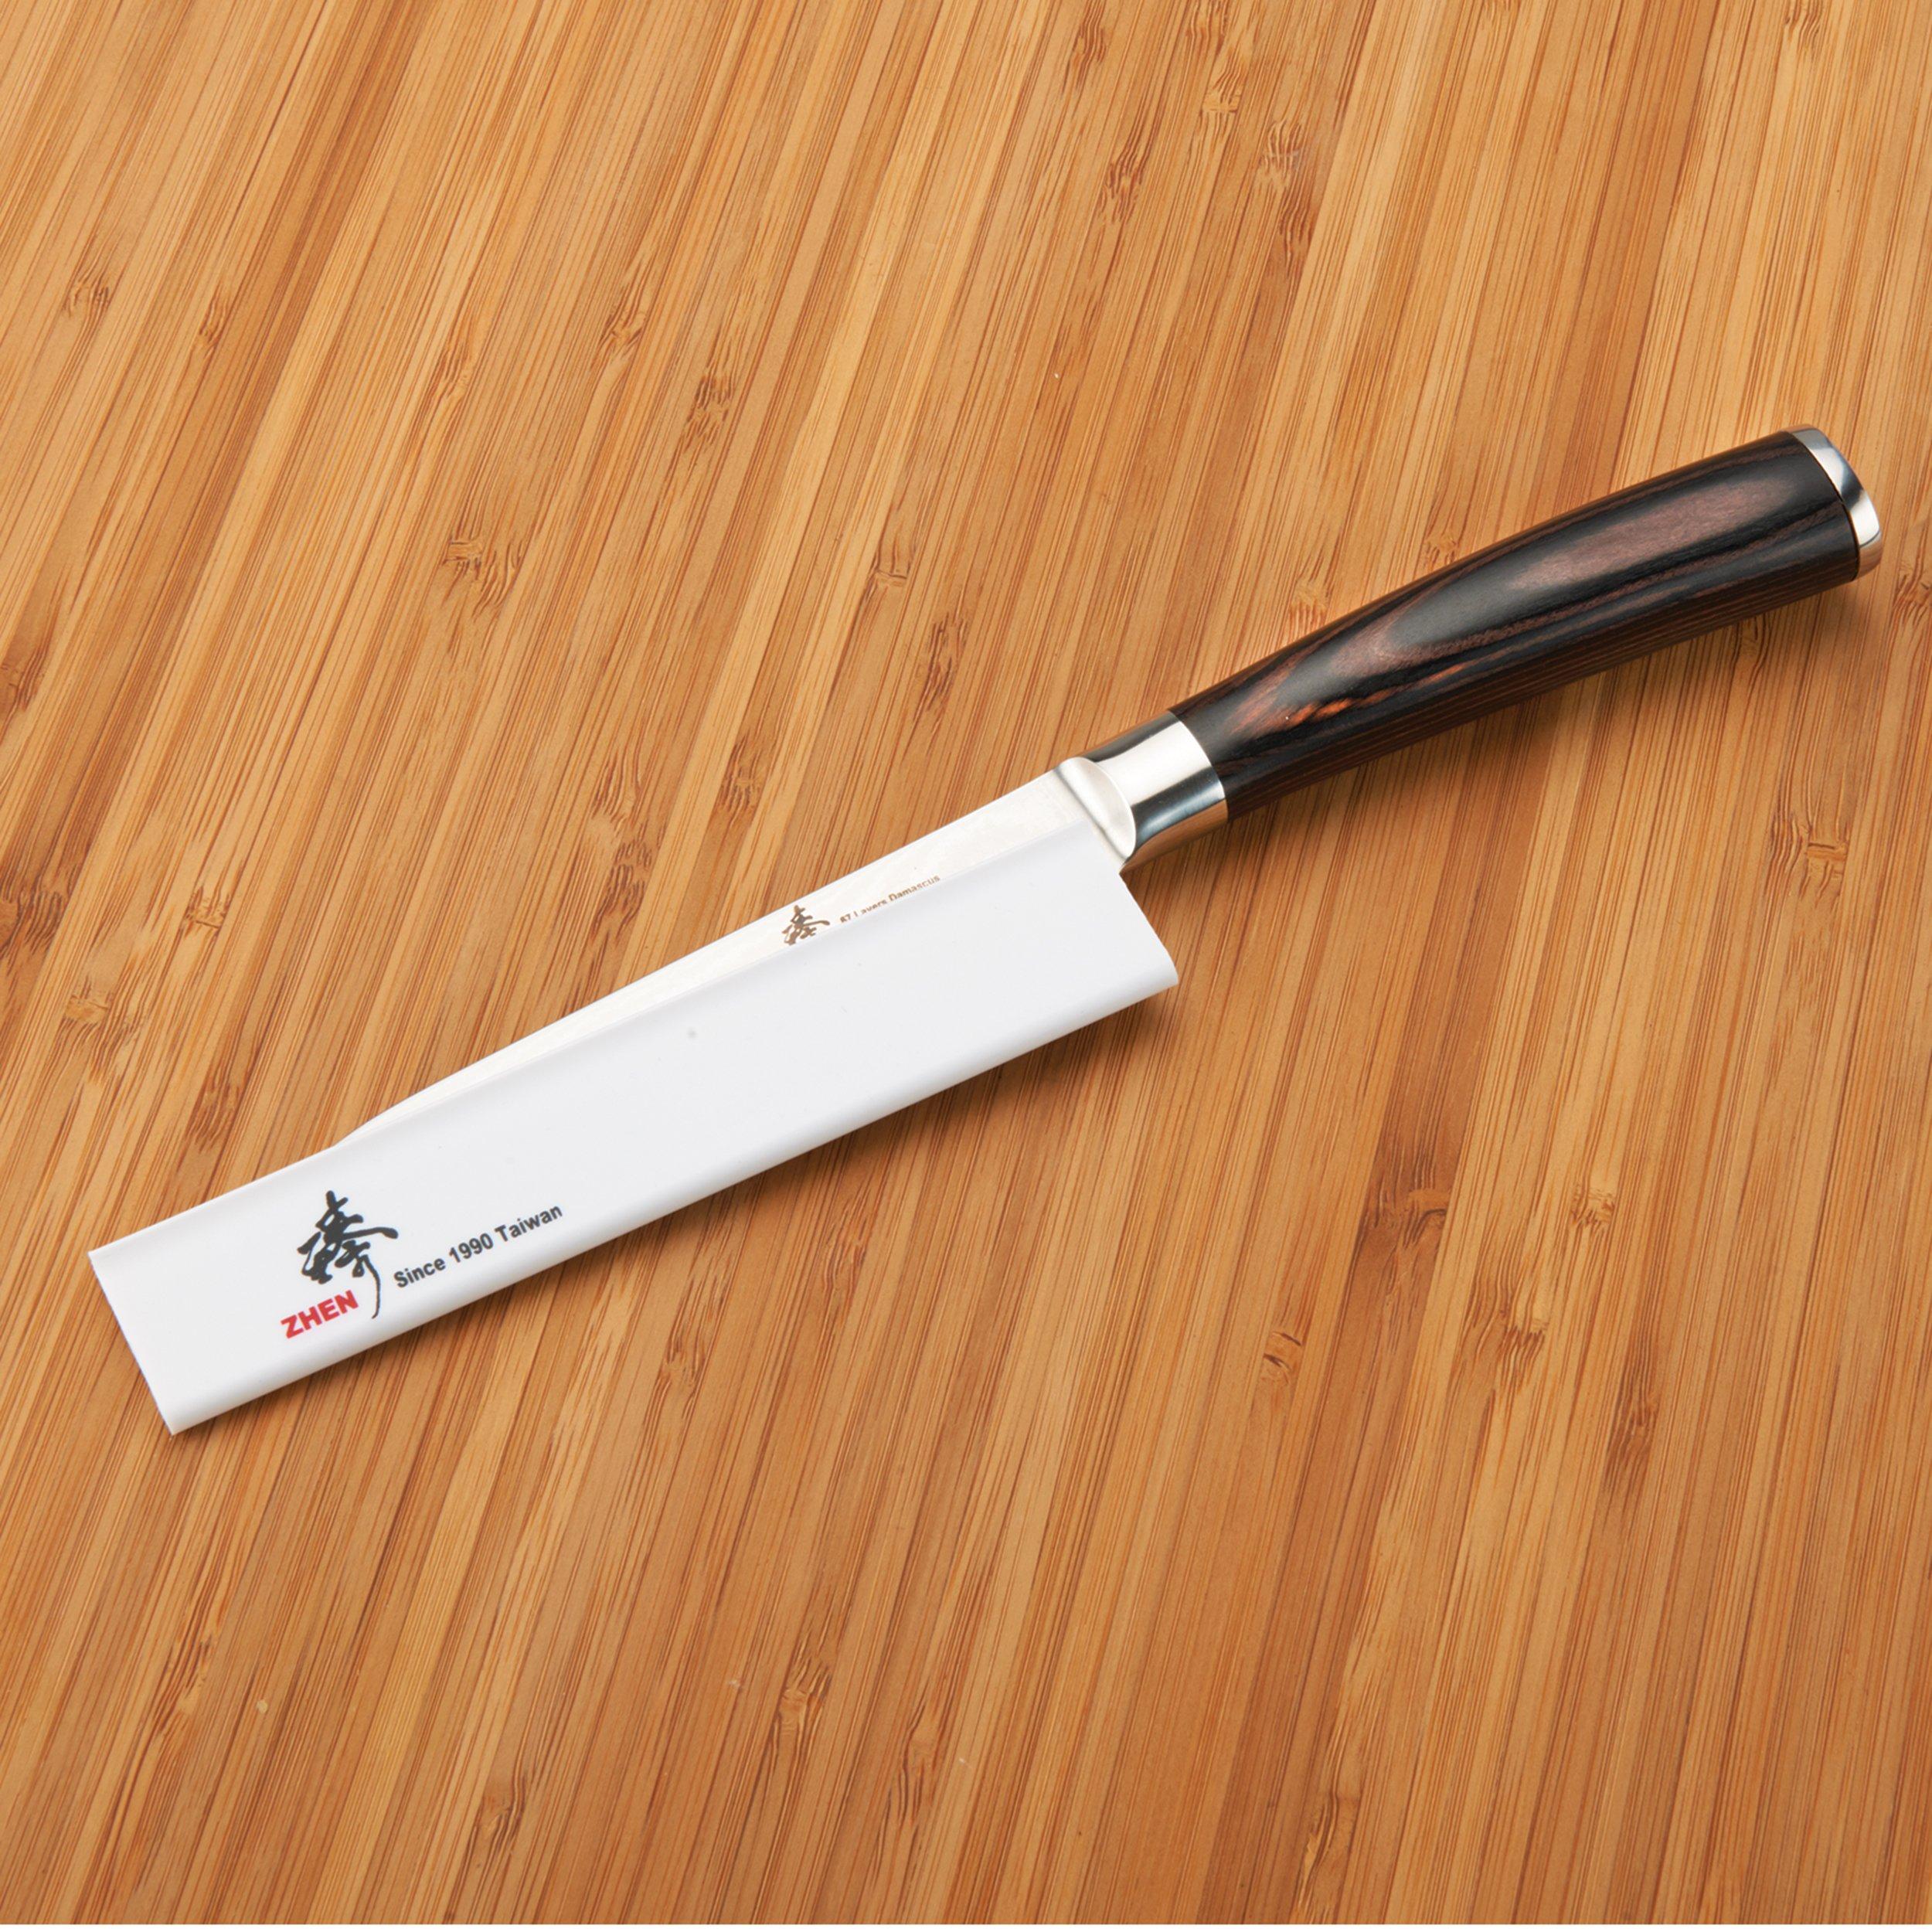 Zhen Kitchen Knife Cover, 3.8 cm x 21 cm (1-1/2'' x 8-1/4'') by ZHEN (Image #2)